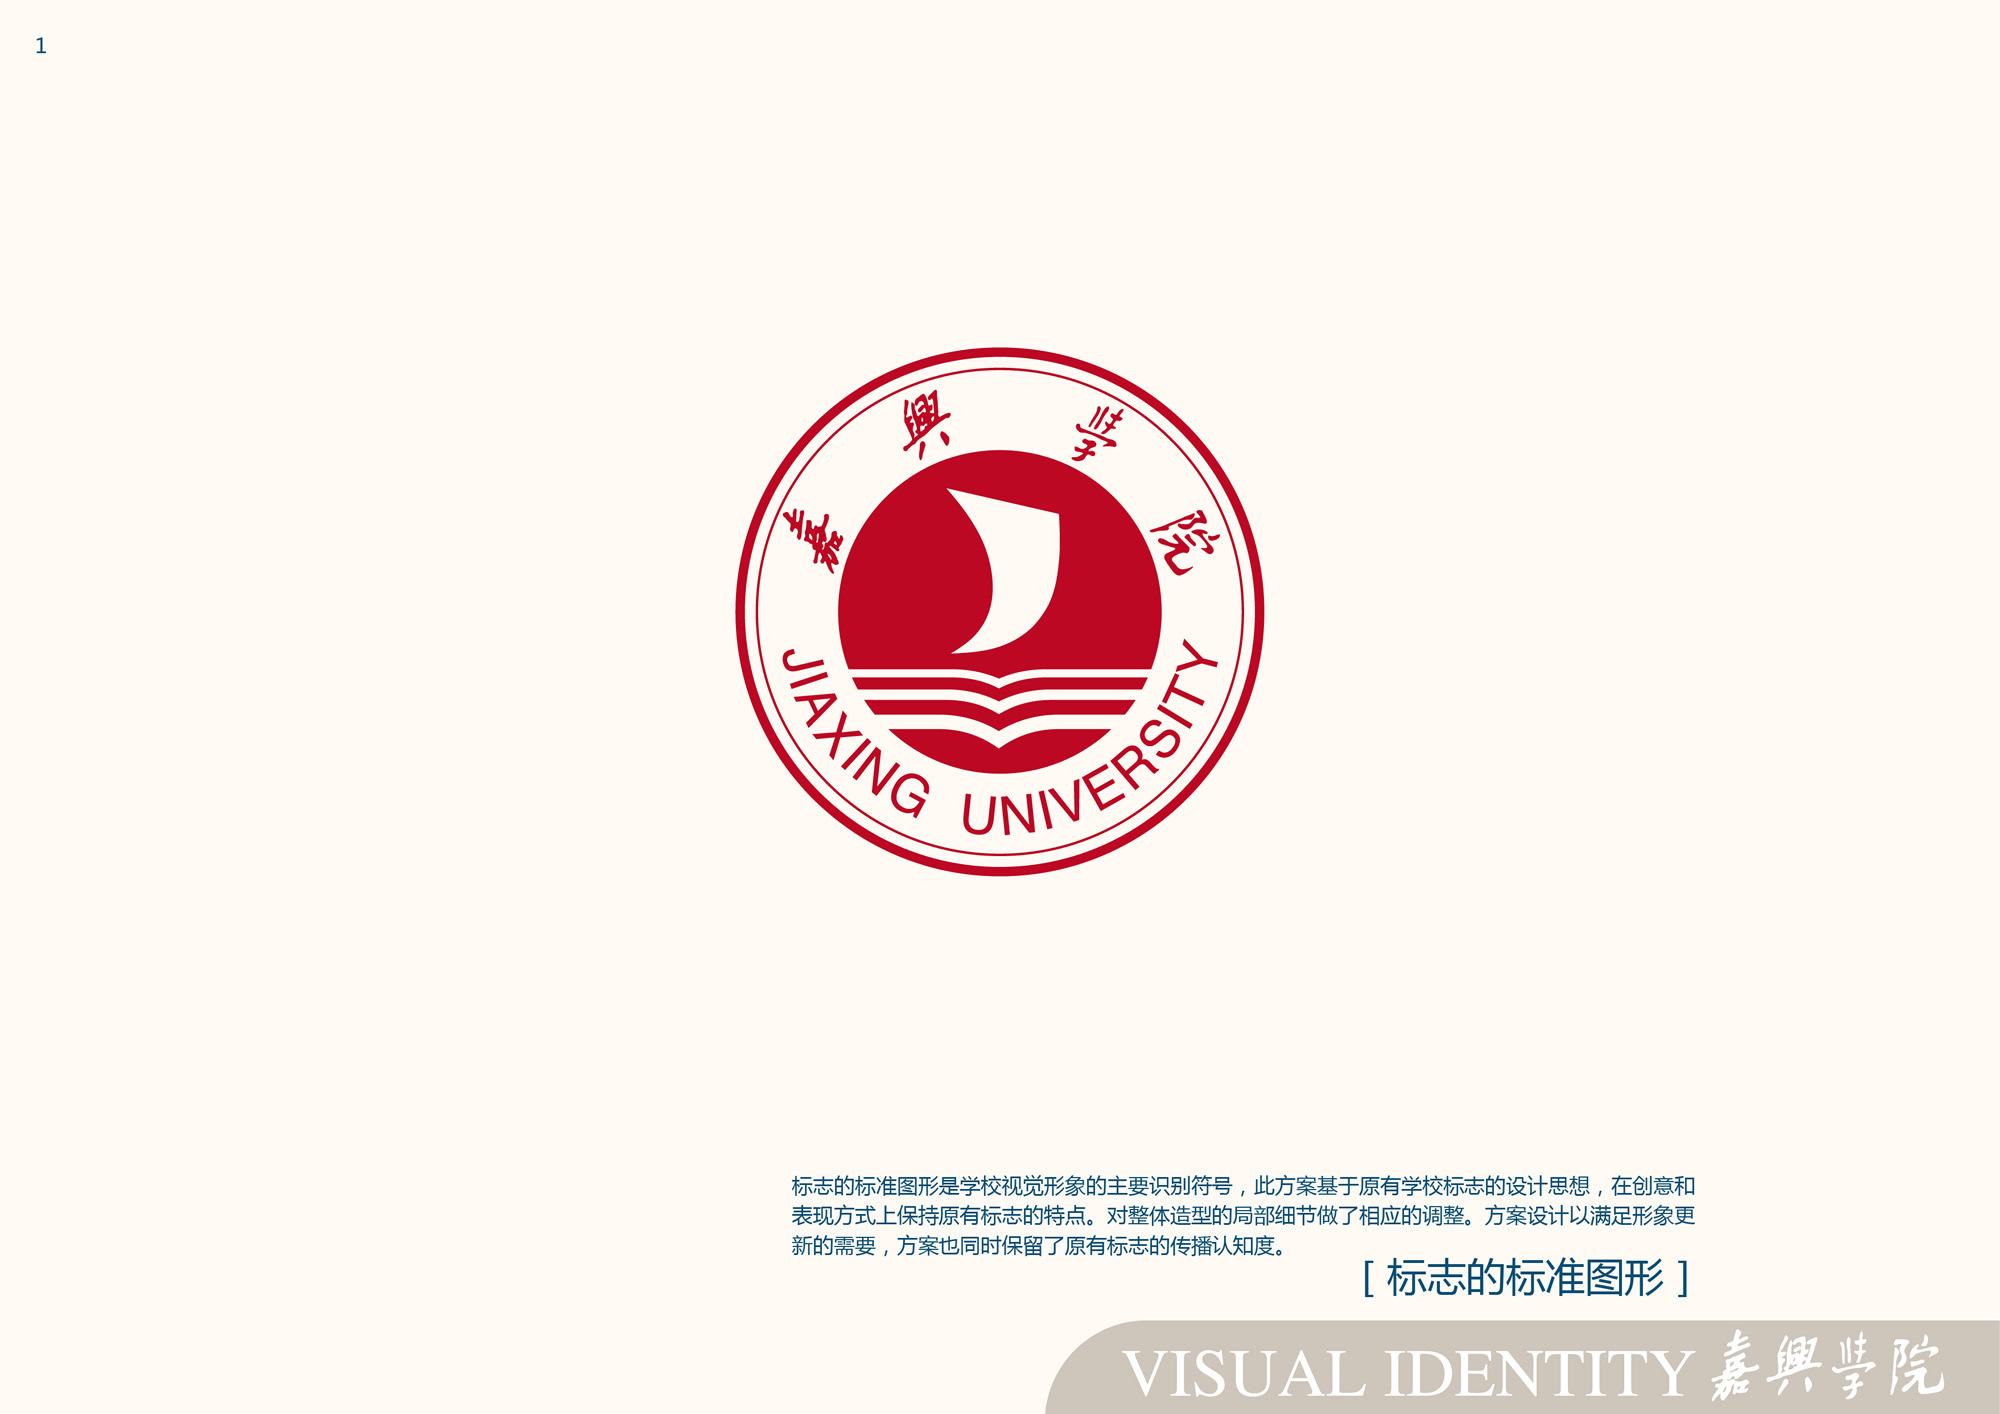 到嘉兴南湖景区logo